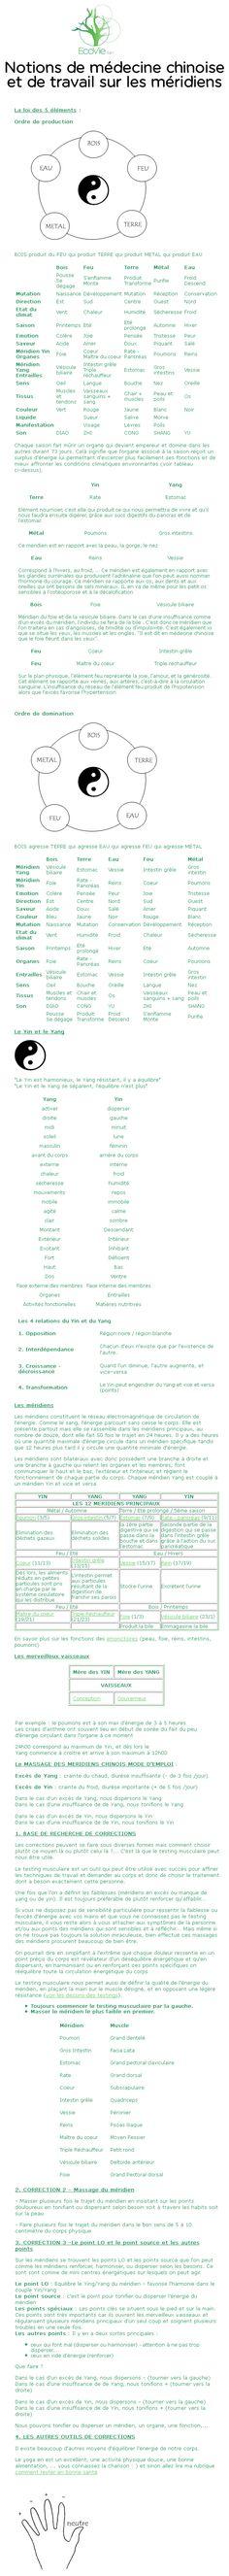 La santé au naturel - MEDECINE CHINOISE.png